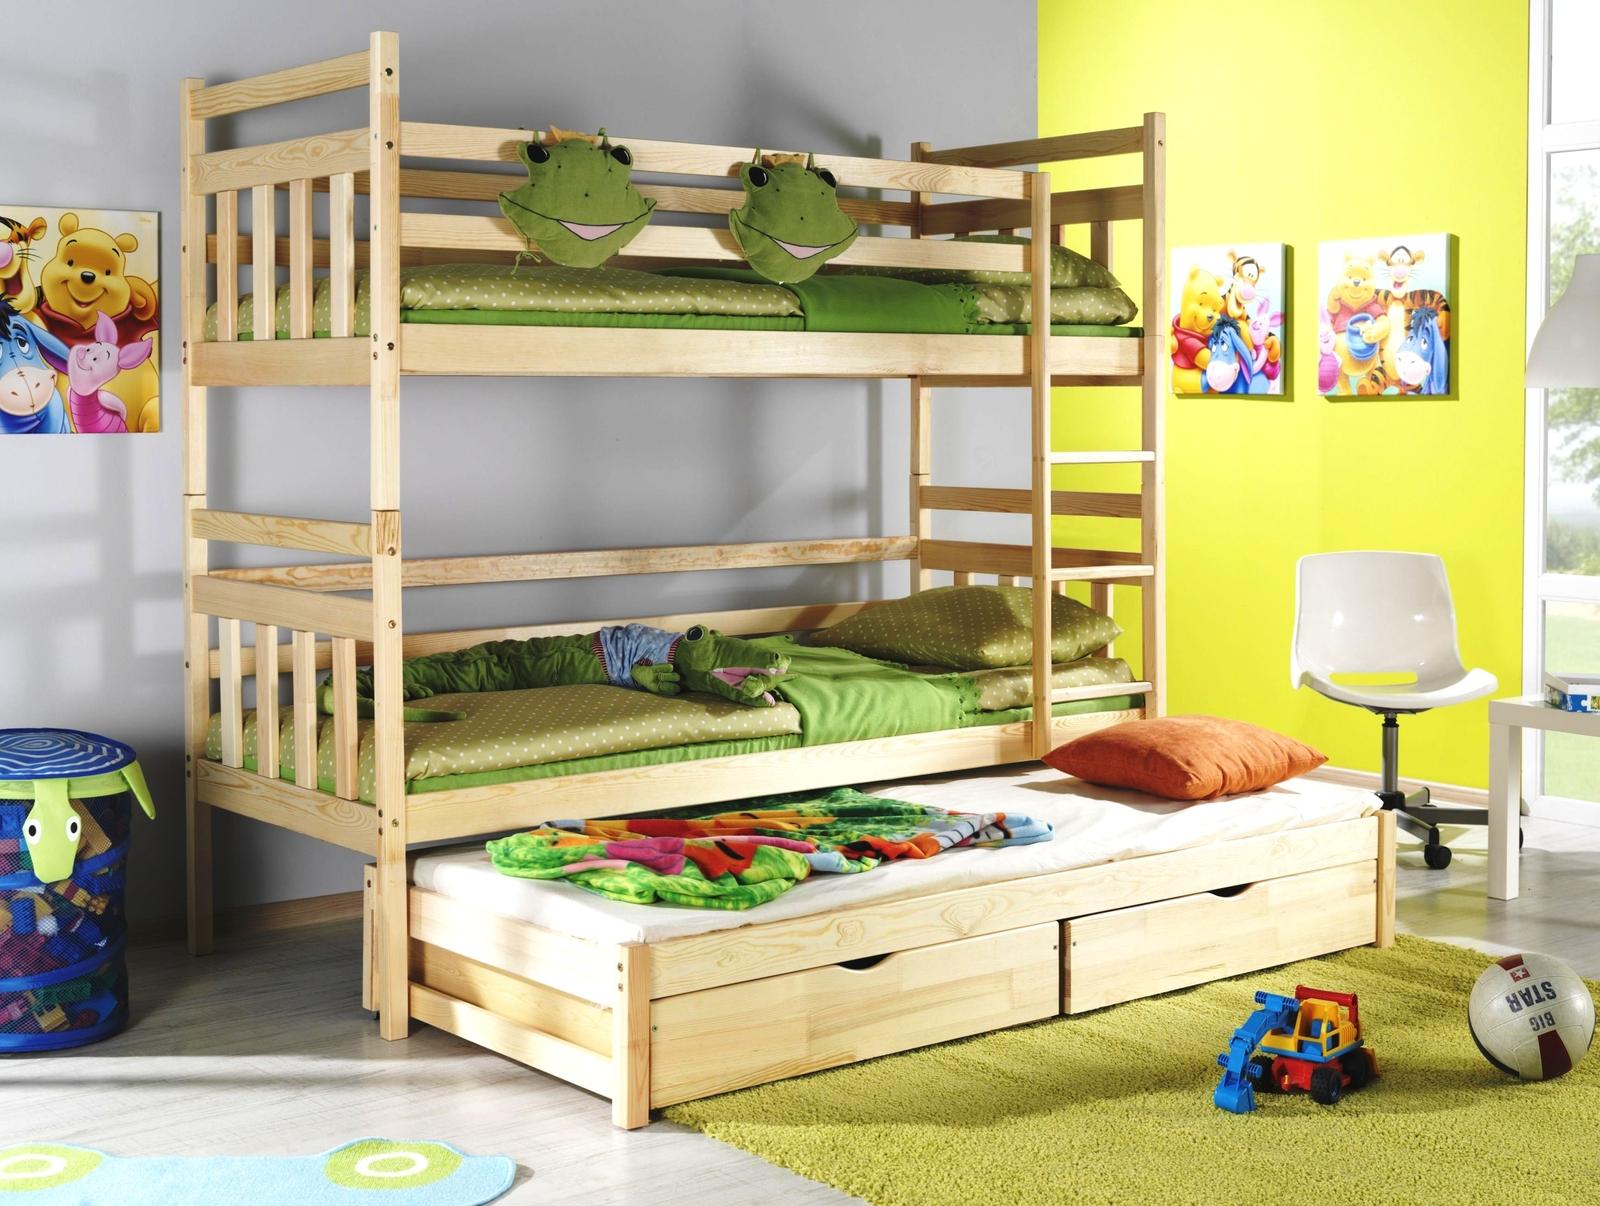 кровати в три яруса фото прямого покроя